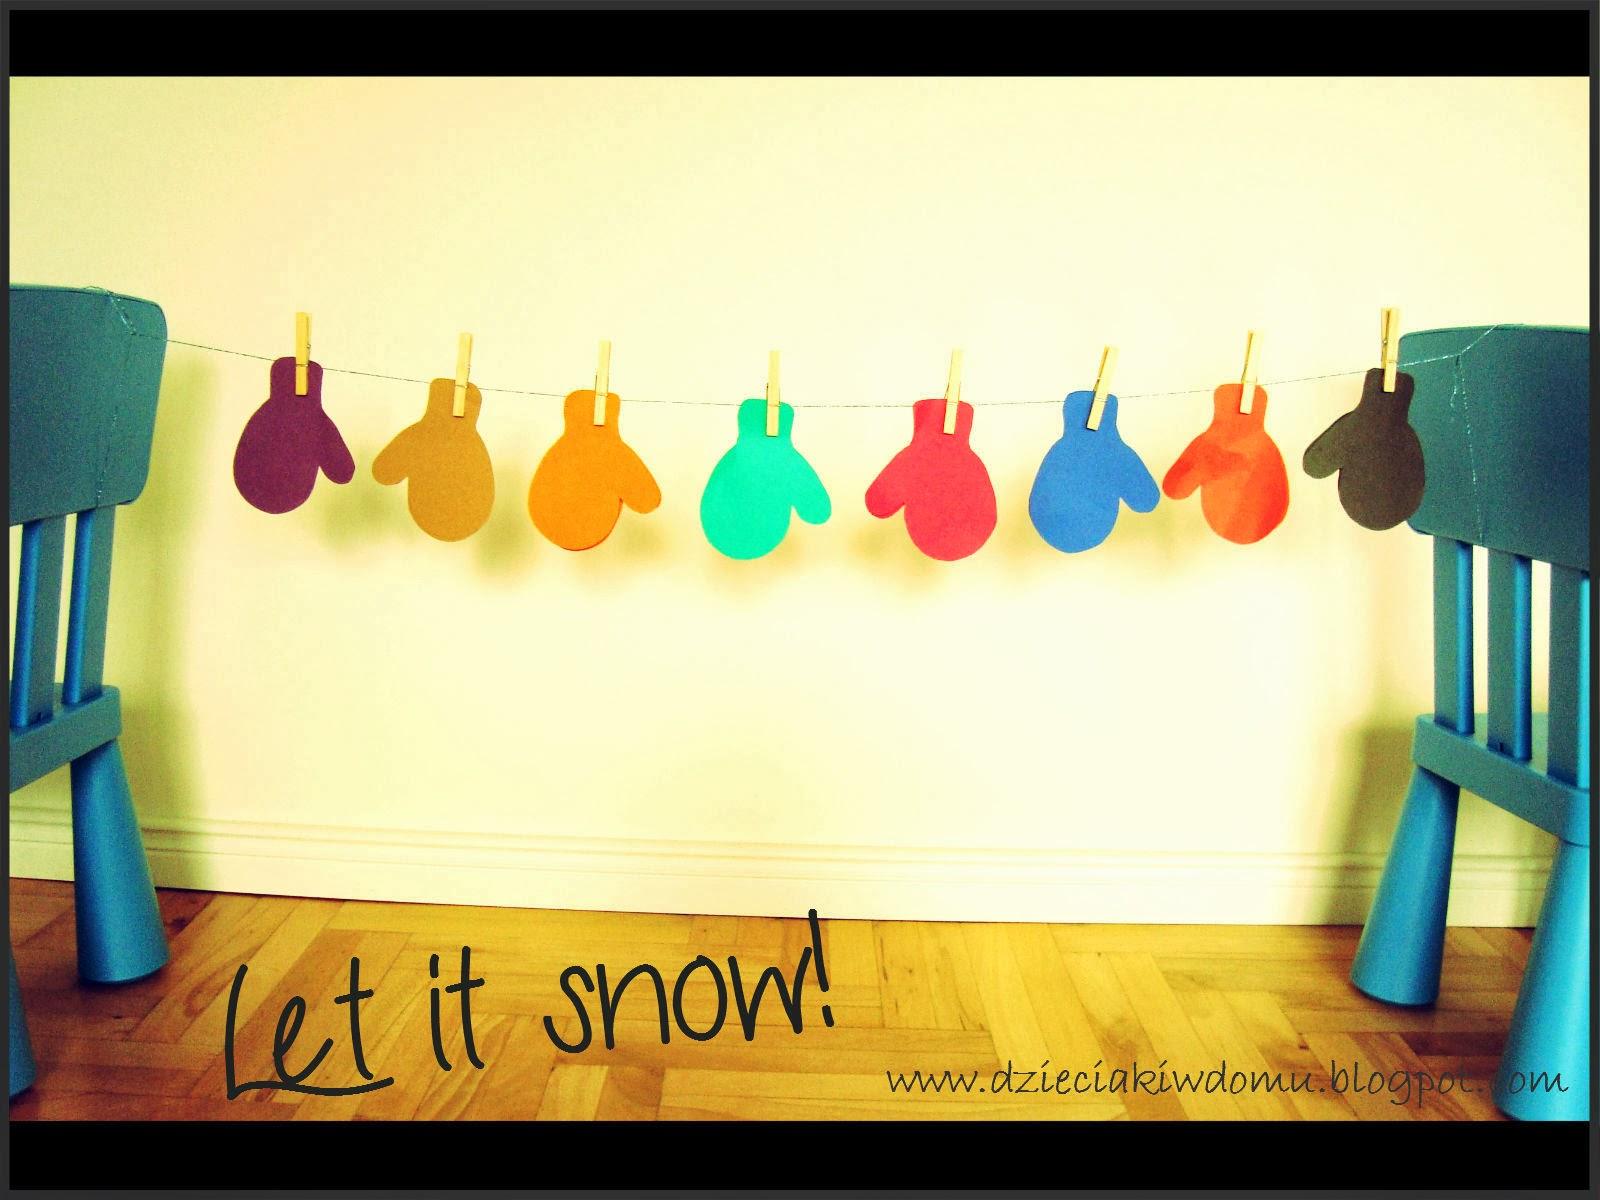 zimowa zabawa kreatywna z dziećmi, dobieramy rekawiczki do koloru i wieszamy przy pomocy klamerek